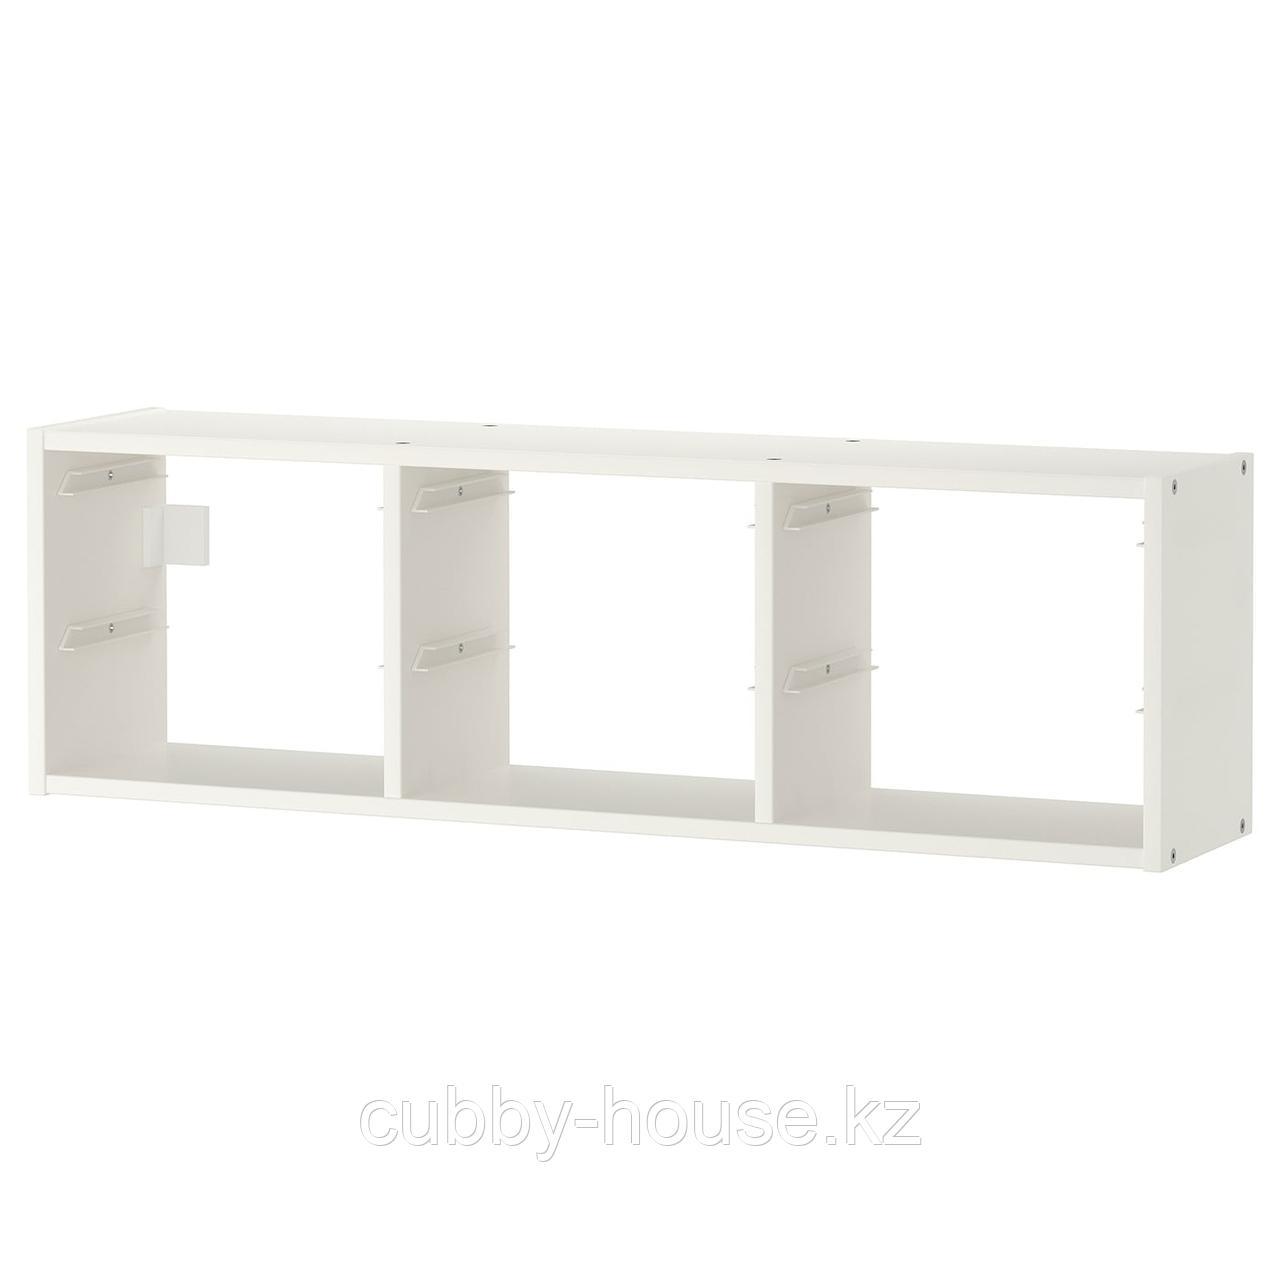 ТРУФАСТ Настенный модуль для хранения, белый, 99x30 см